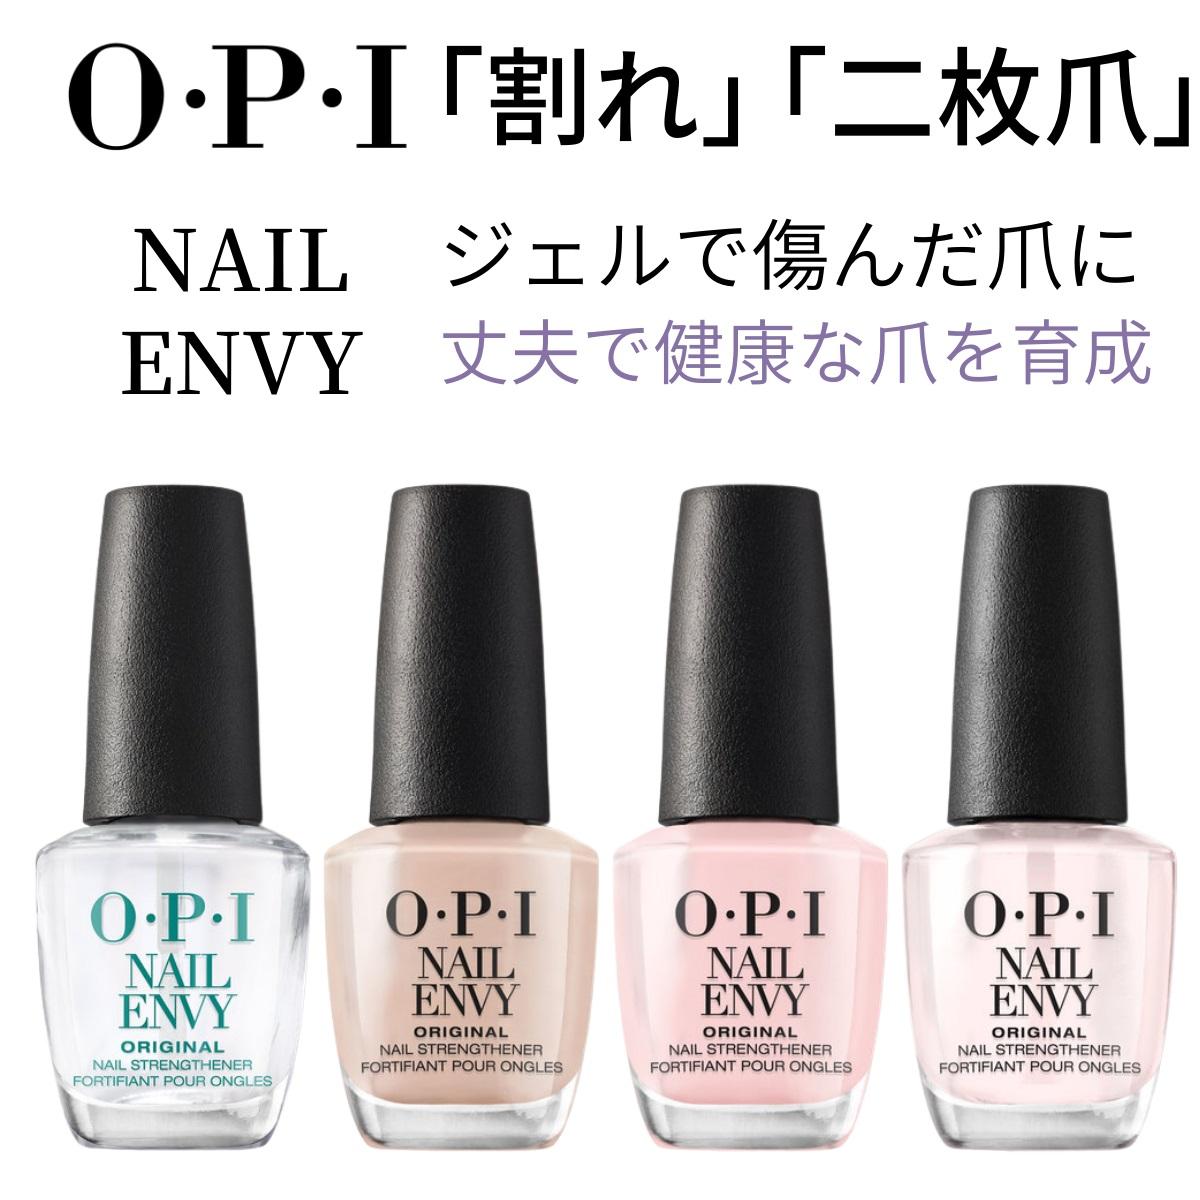 国内正規品 OPI オーピーアイ ネイルエンビー 15ml opi 爪強化剤 爪割れ 薄い爪 二枚爪 ベースコート ネイルケア